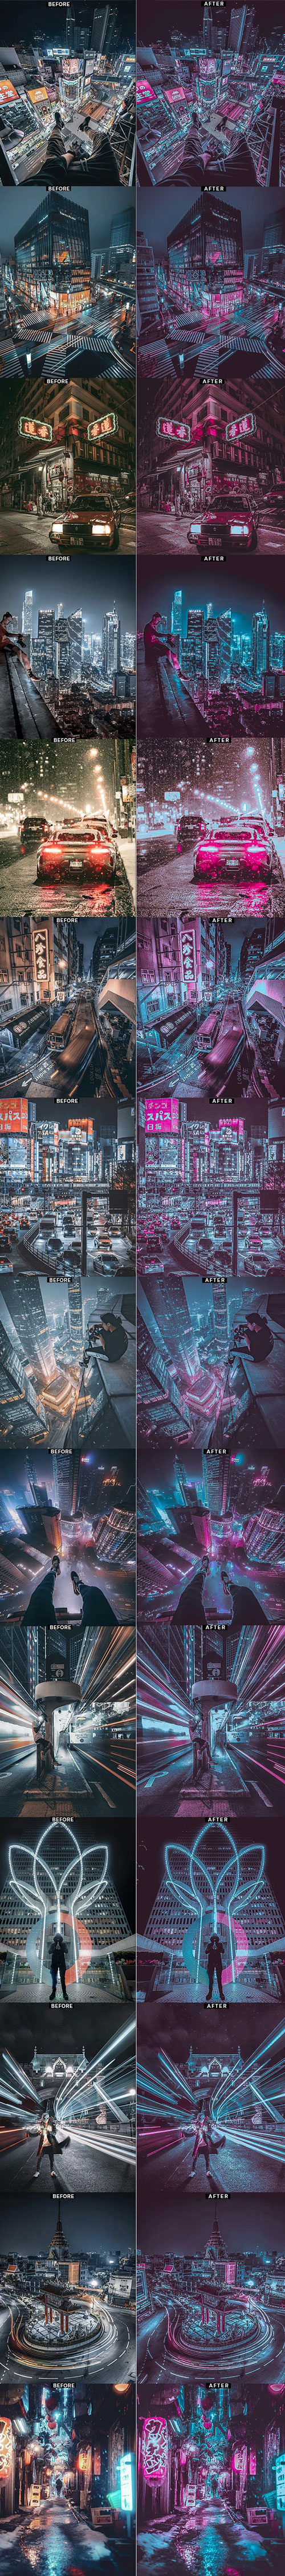 دانلود اکشن فتوشاپ ایجاد نورهای نئونی Modern Neon